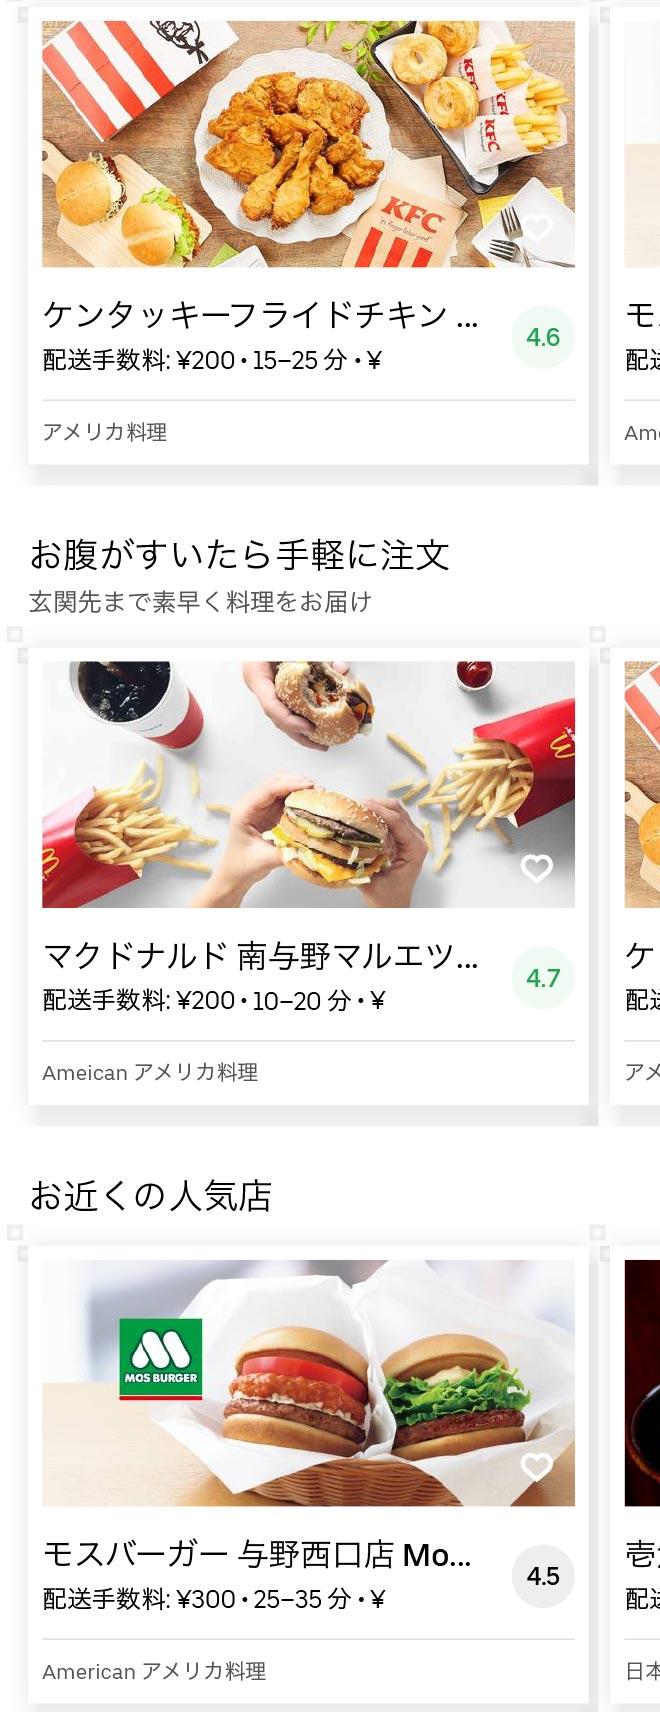 Saitama minami yono menu 2006 01